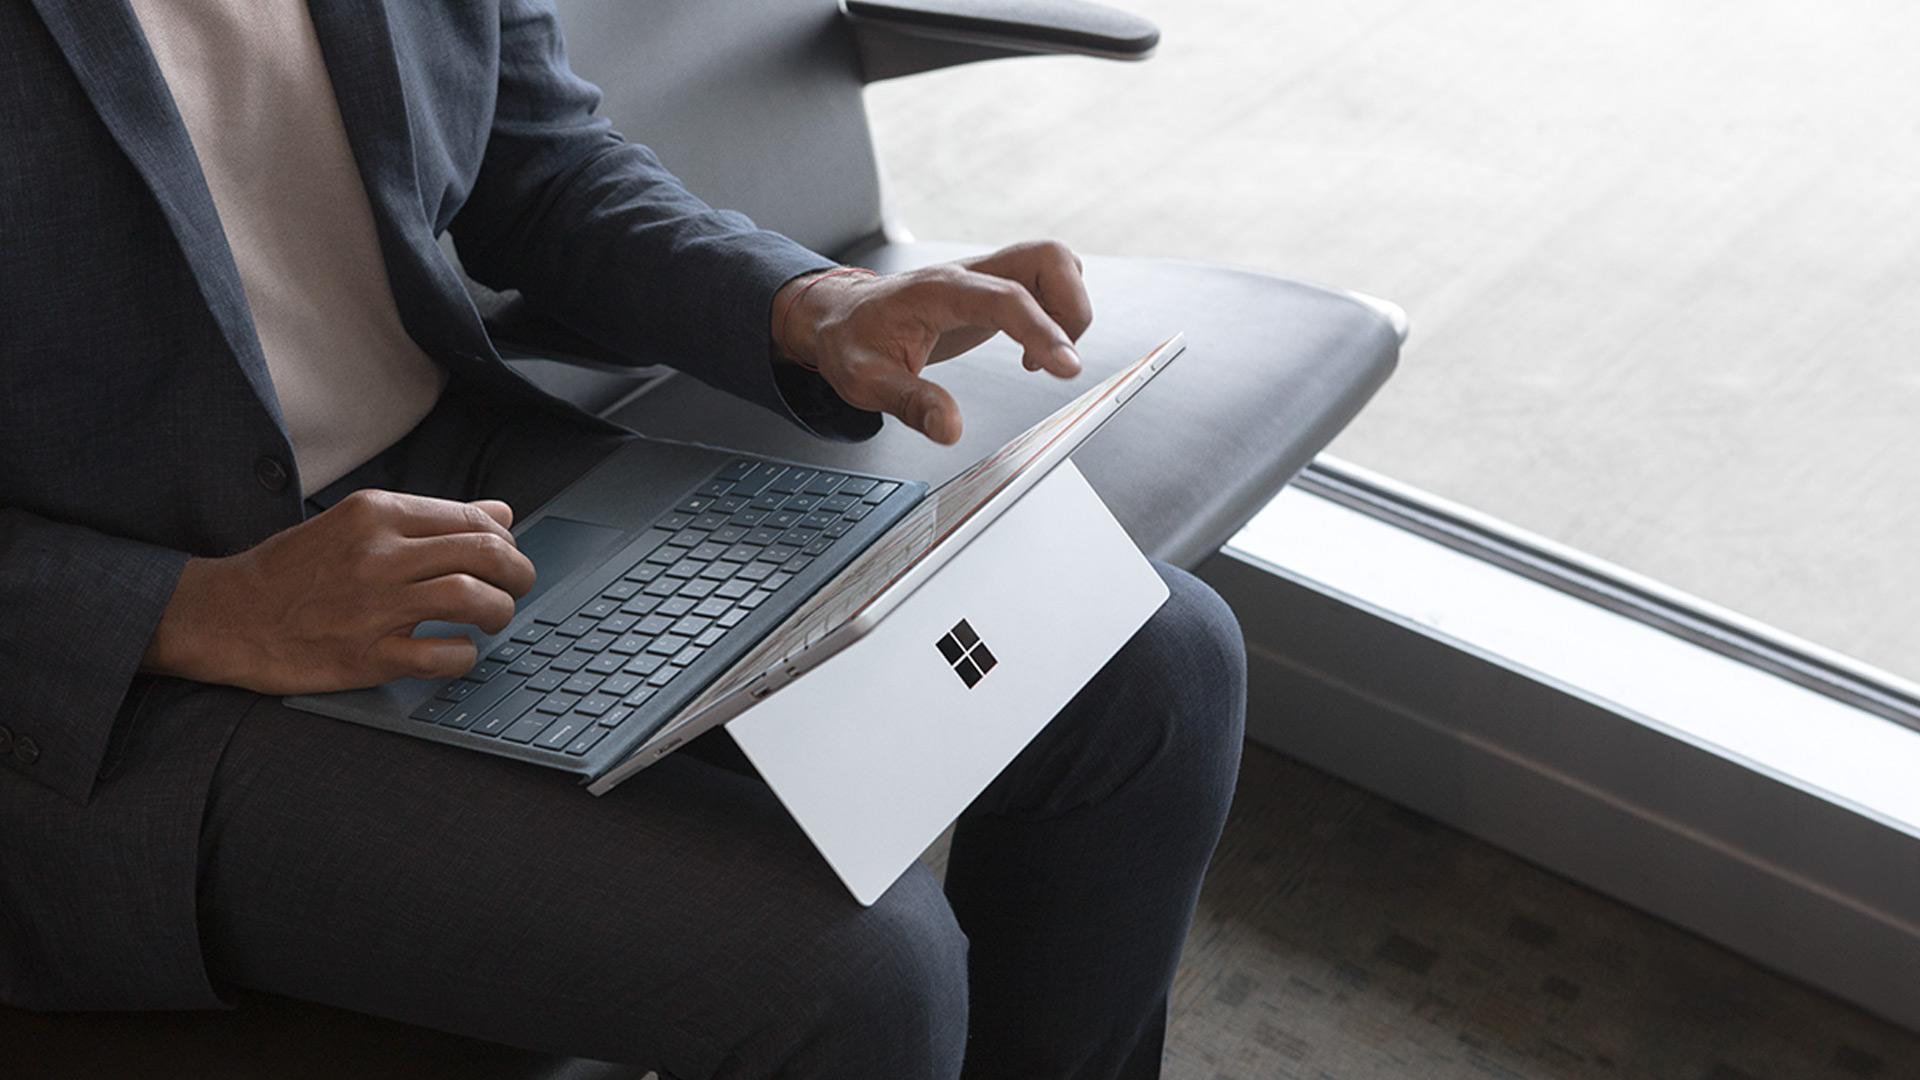 Una persona trabaja en una sala de espera del aeropuerto con un SurfacePro en el regazo.